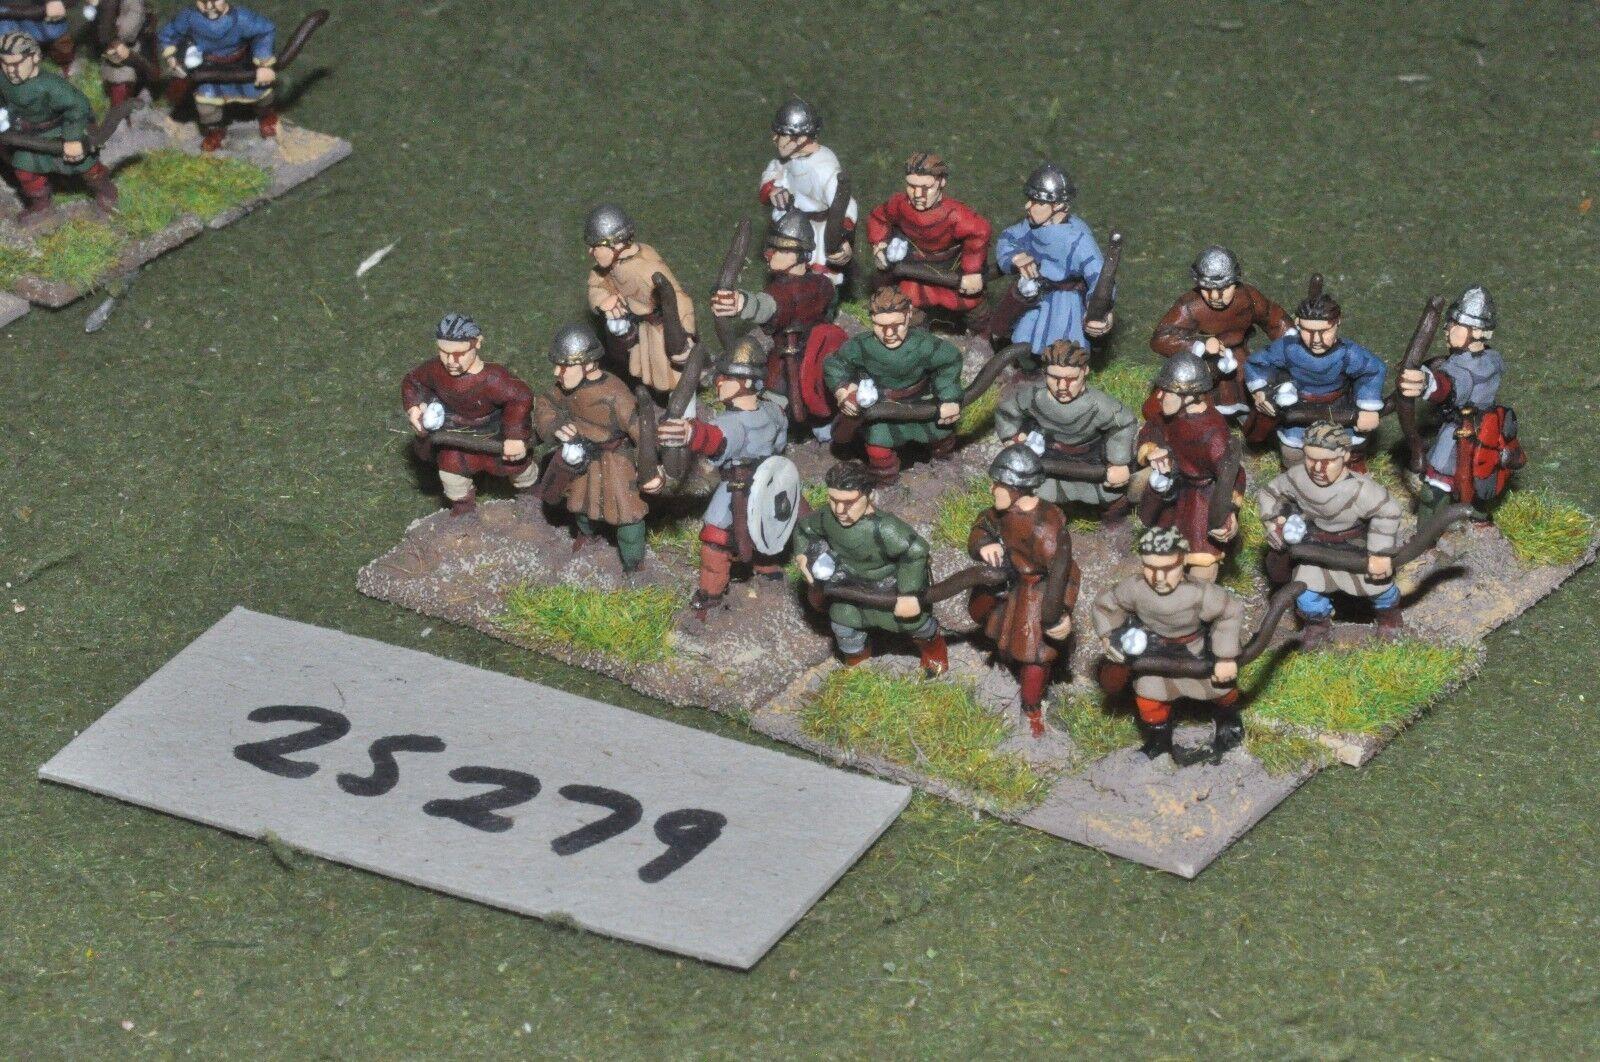 20mm medieval   crusader - longbowmen 18 figures - inf (25279)